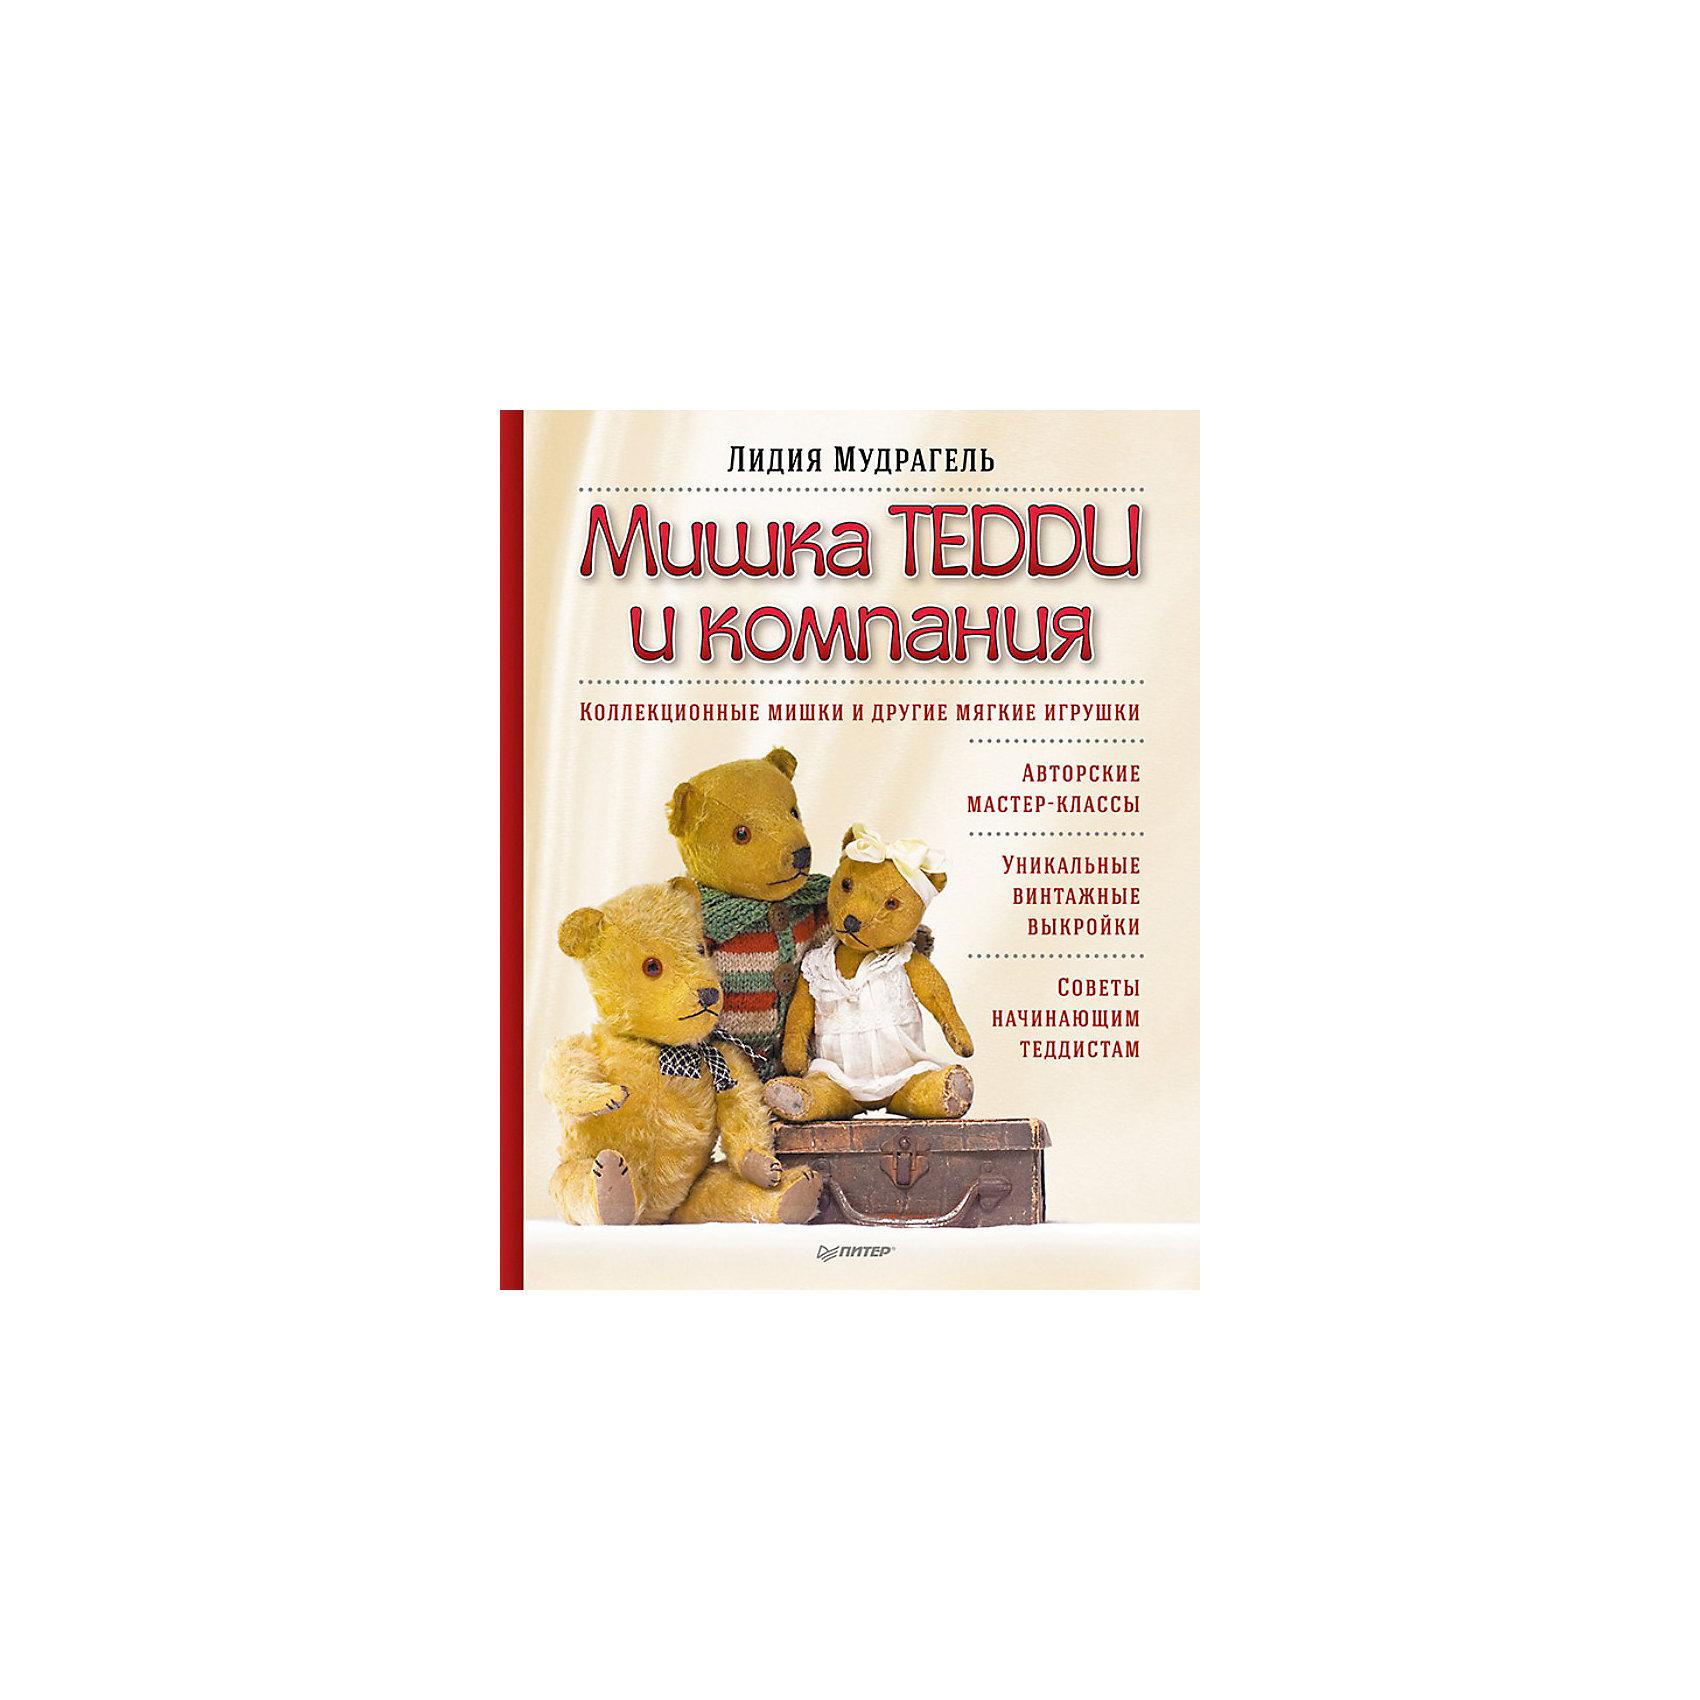 Мишка Тедди и компанияКниги по рукоделию<br>Мишка Тедди – культовая детская игрушка из ткани. Изготовление кукол – настоящее искусство, которое появилось много лет назад и актуально до сих пор. Научиться делать шедевры поможет книга «Мишка Тедди и компания», которая расскажет весь процесс изготовления куклы от выбора ткани до создания готового медведя.  Под руководством опытного мастера - реставратора ребенок будет осваивать первые шаги в искусстве создания мишки Тедди и его друзей. Книга содержит не только техническое описание создания куклы, но и практичные советы и секреты. Творчество такого плана развивает мелкую моторику и фантазию ребенка.<br><br>Дополнительная информация:<br>страниц: 128;<br>формат:  205 х 260 мм.<br><br>Книгу «Мишка Тедди и компания» можно купить в нашем магазине.<br><br>Ширина мм: 260<br>Глубина мм: 201<br>Высота мм: 11<br>Вес г: 529<br>Возраст от месяцев: -2147483648<br>Возраст до месяцев: 2147483647<br>Пол: Женский<br>Возраст: Детский<br>SKU: 4966249